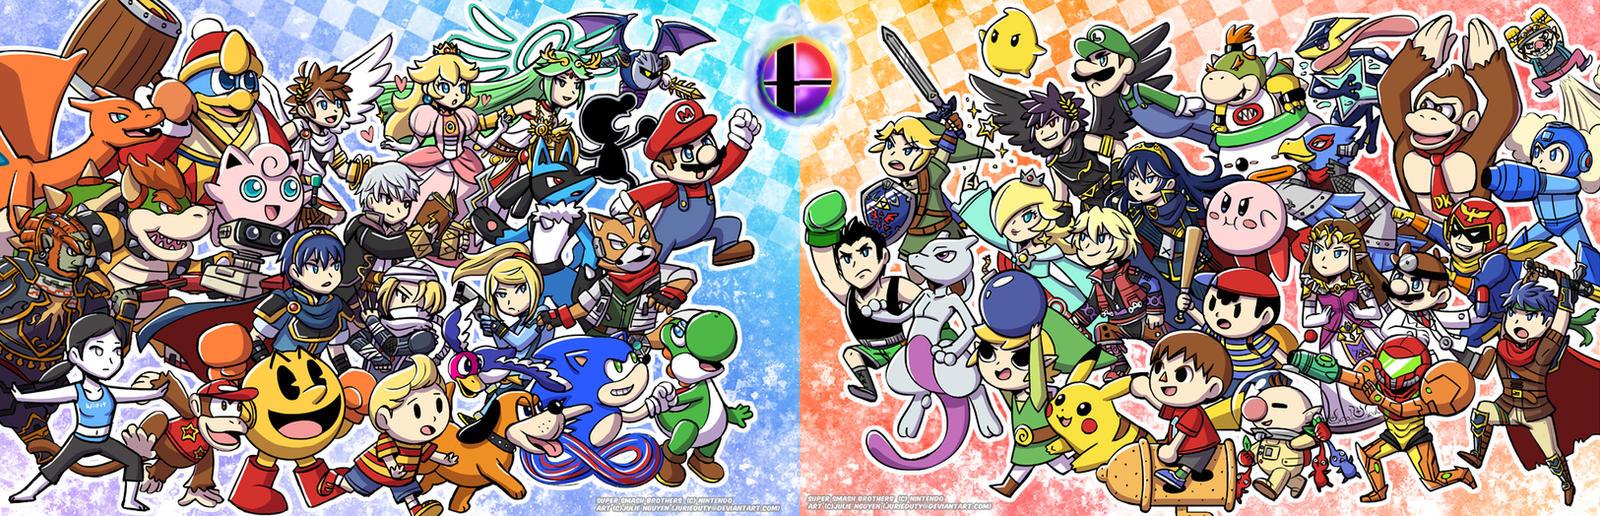 Smash Wii U by jurieduty